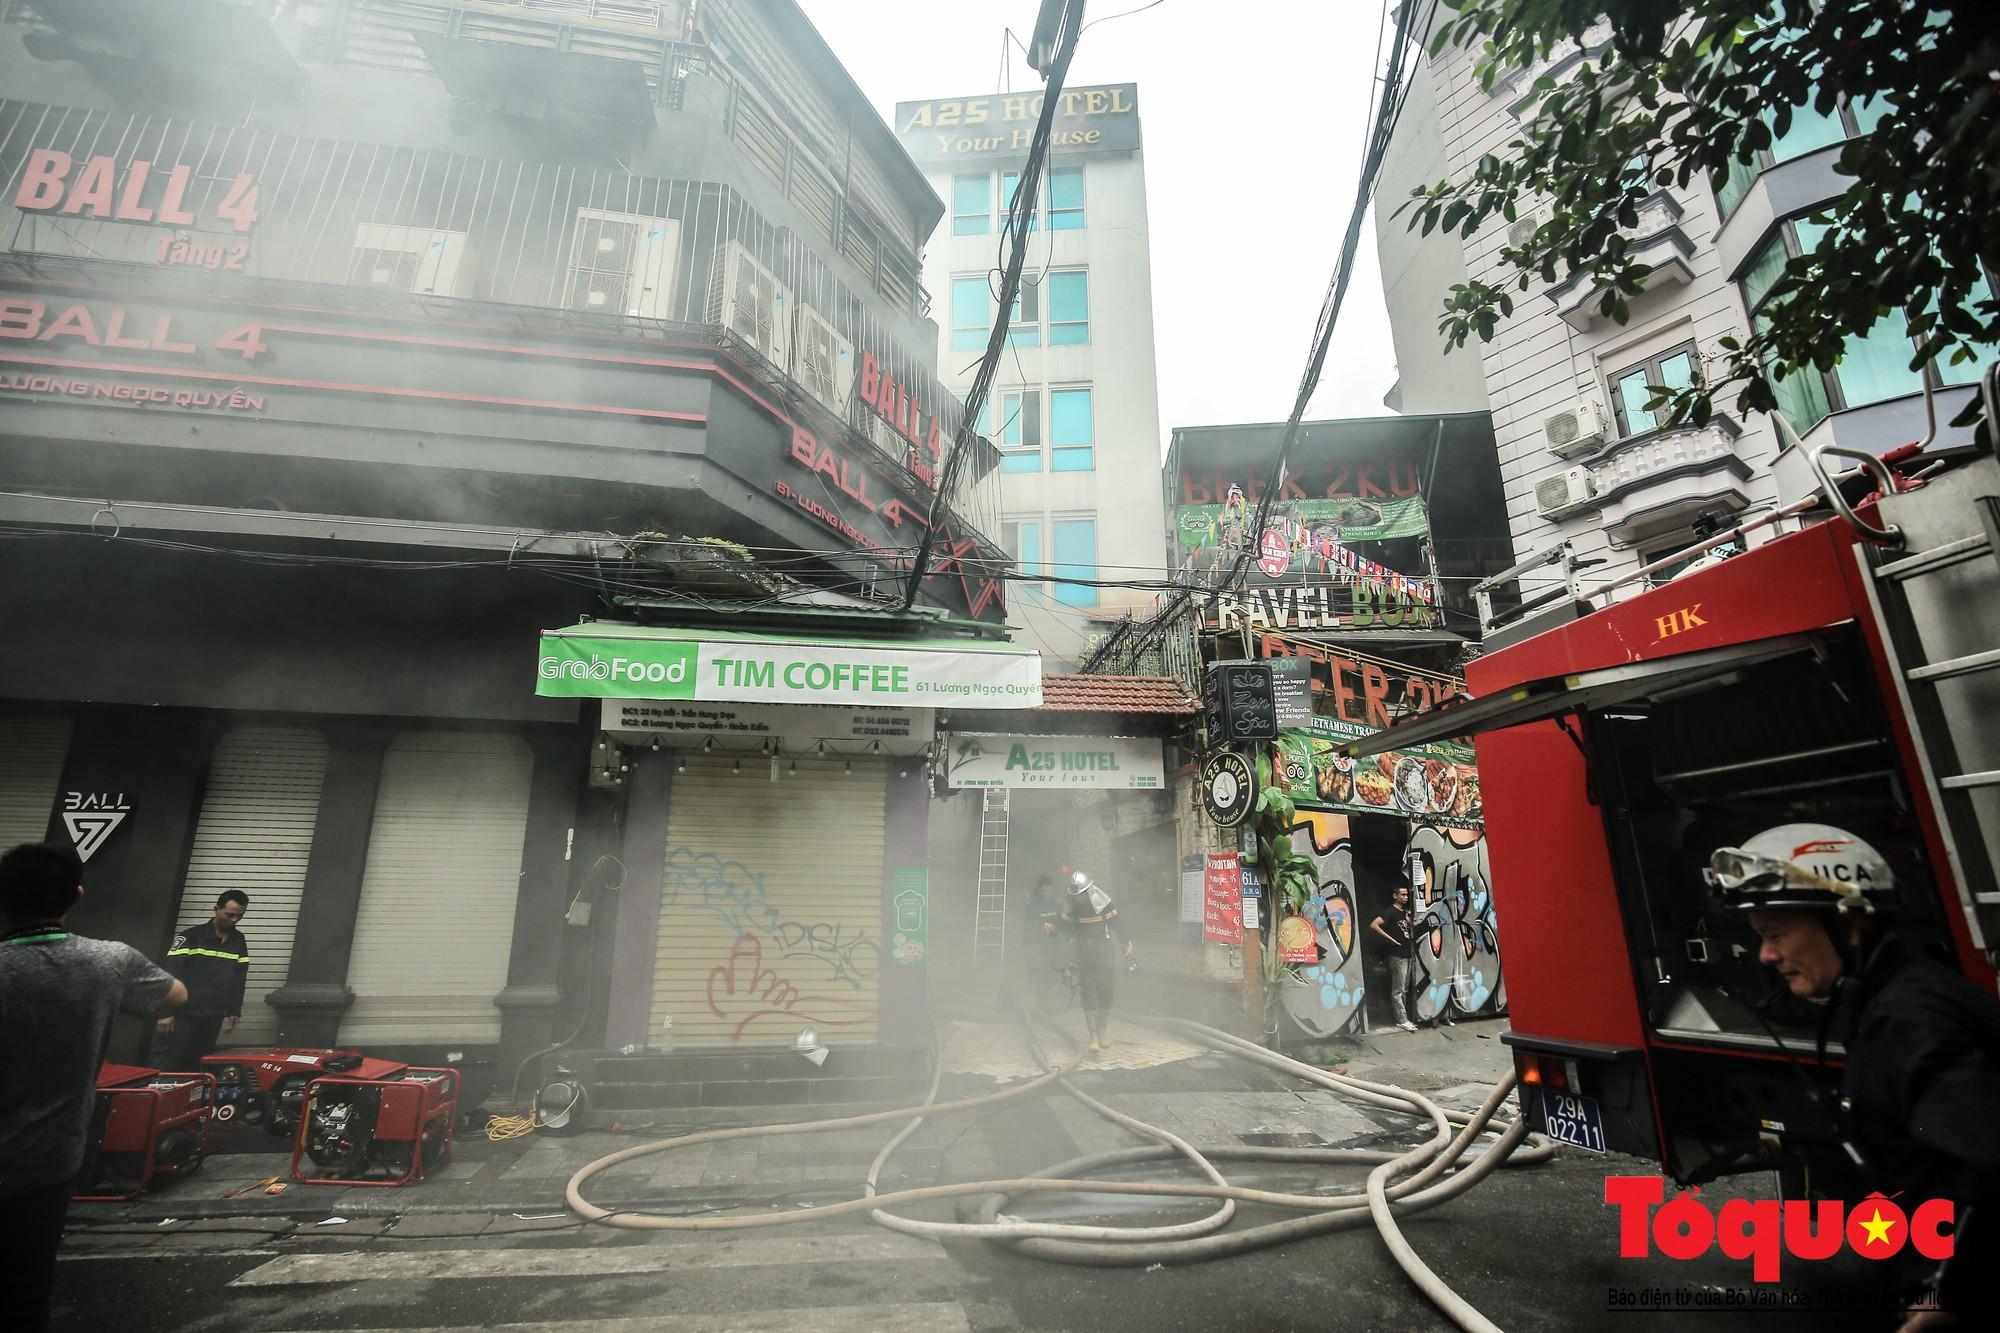 Hà Nội: Cháy khách sạn trên phố cổ, gần 30 người được đưa ra khỏi đám cháy - Ảnh 1.